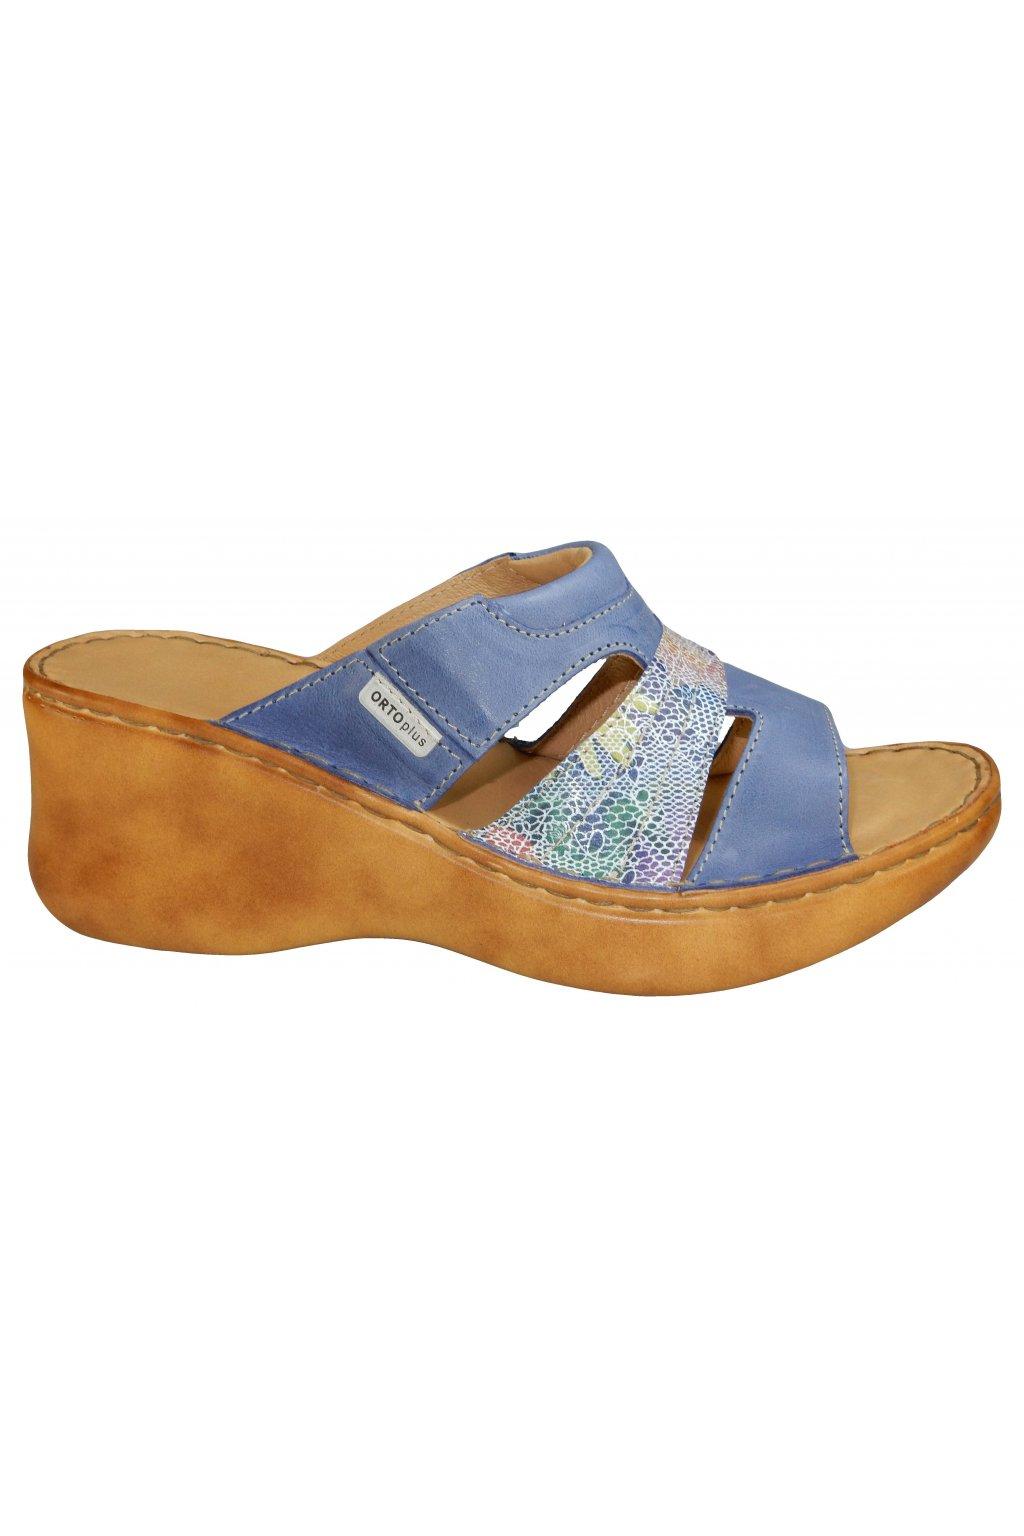 Dámská vycházková obuv na klínu ORTO PLUS 3043